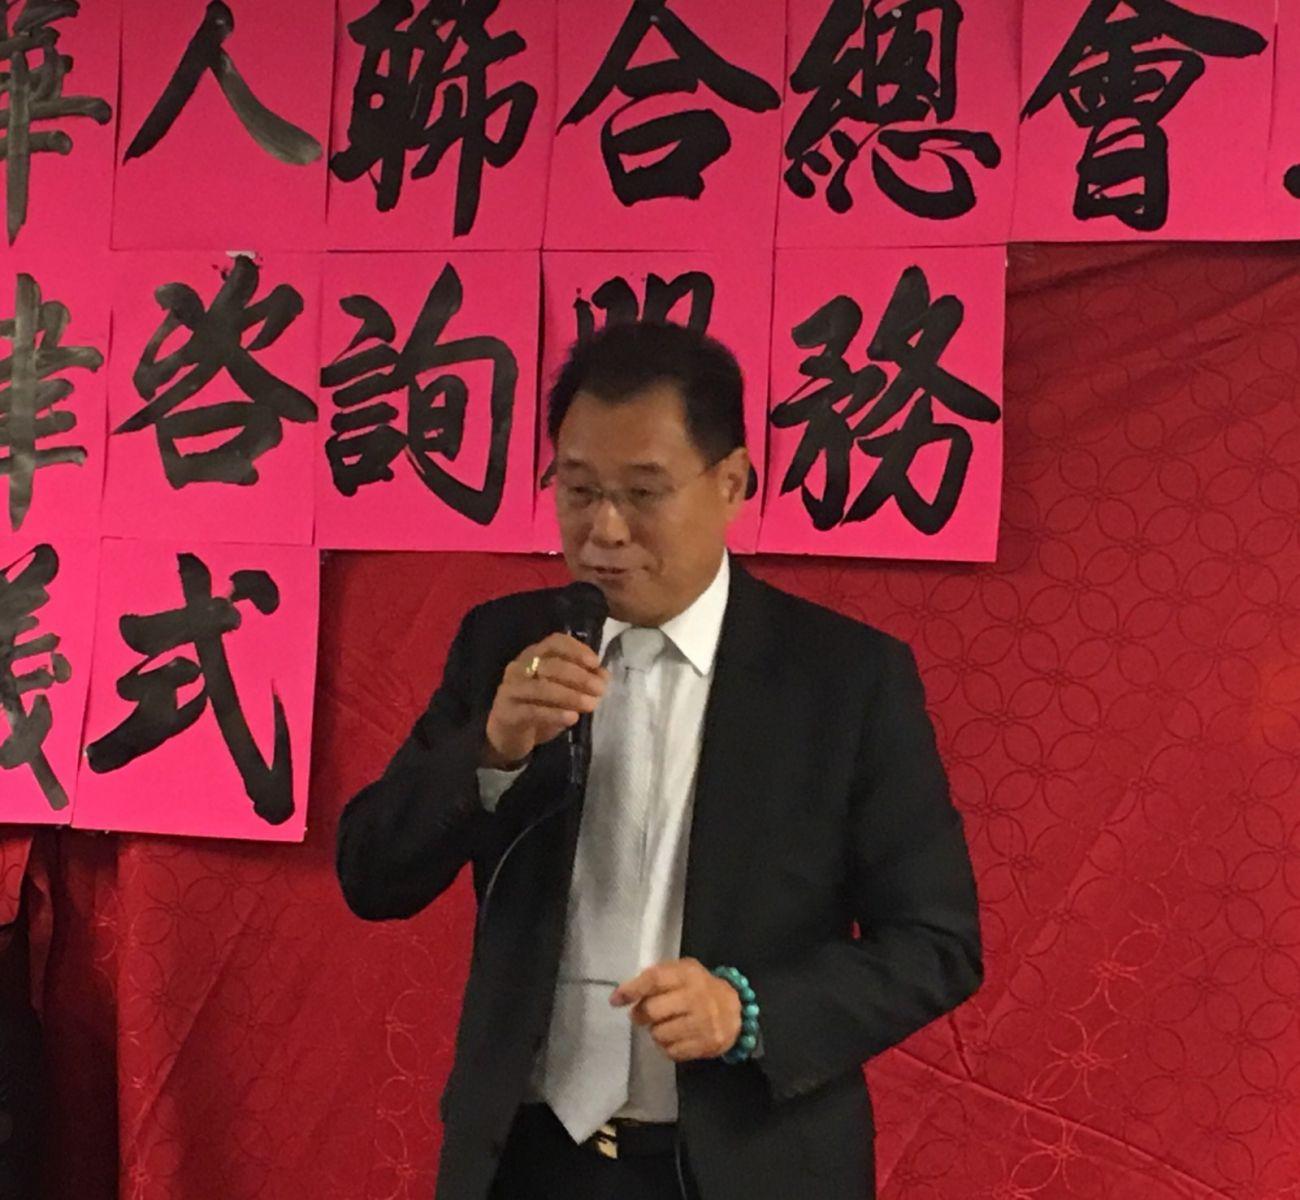 美国福建华人联合会欢迎福州市侨联主席蓝桂兰访美代表团一行 ... ..._图1-9